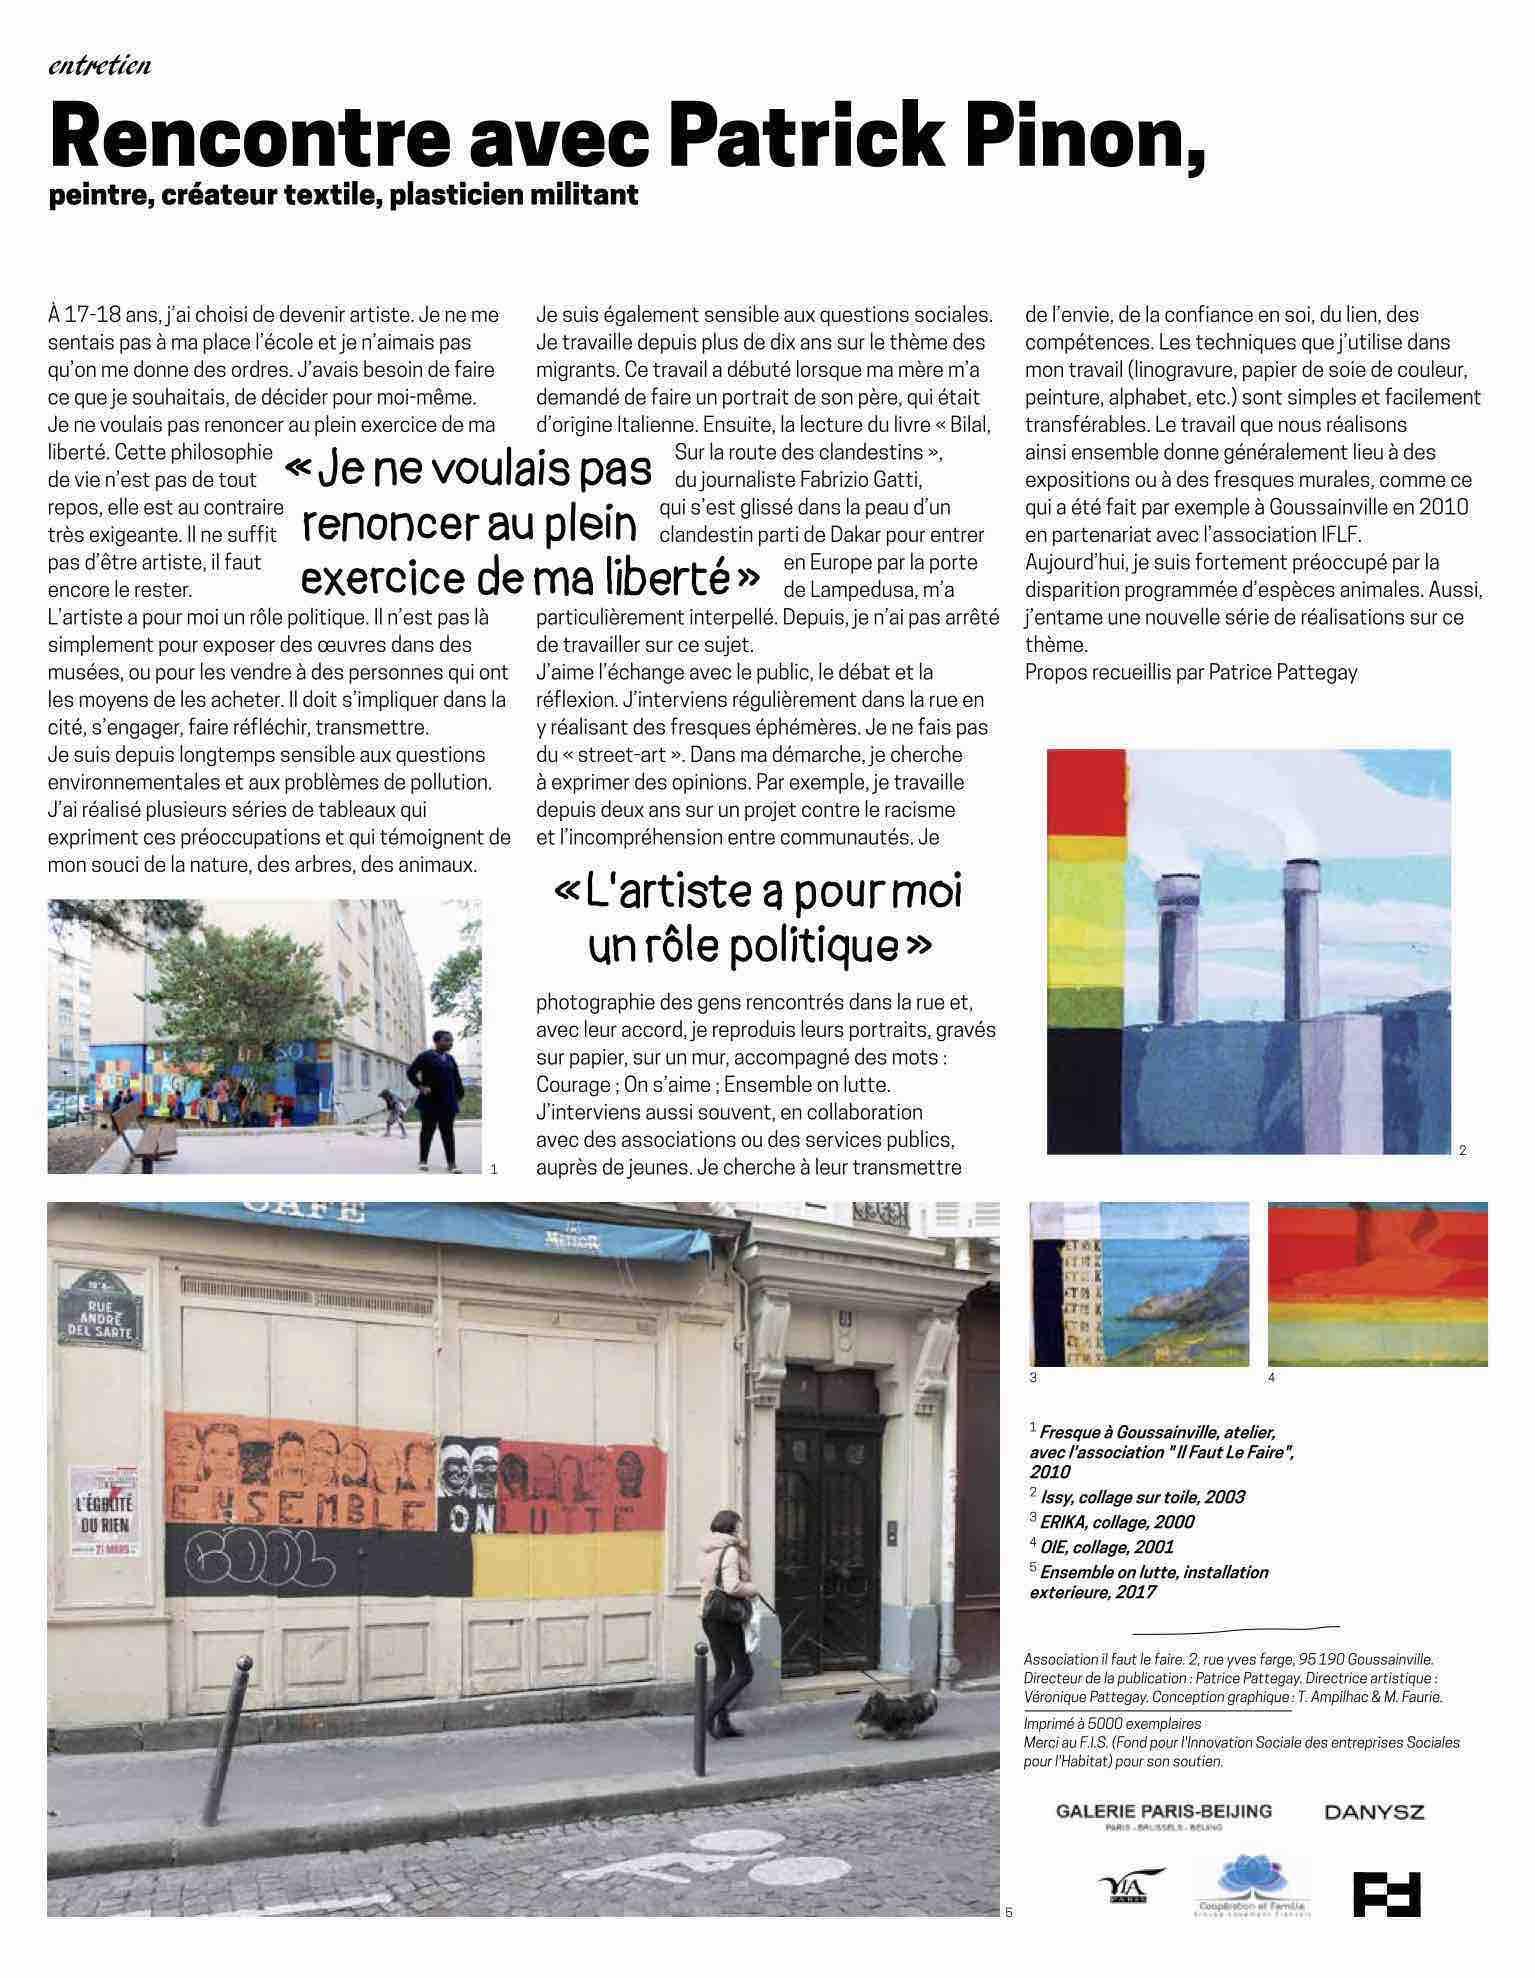 IFLFjournal3-4